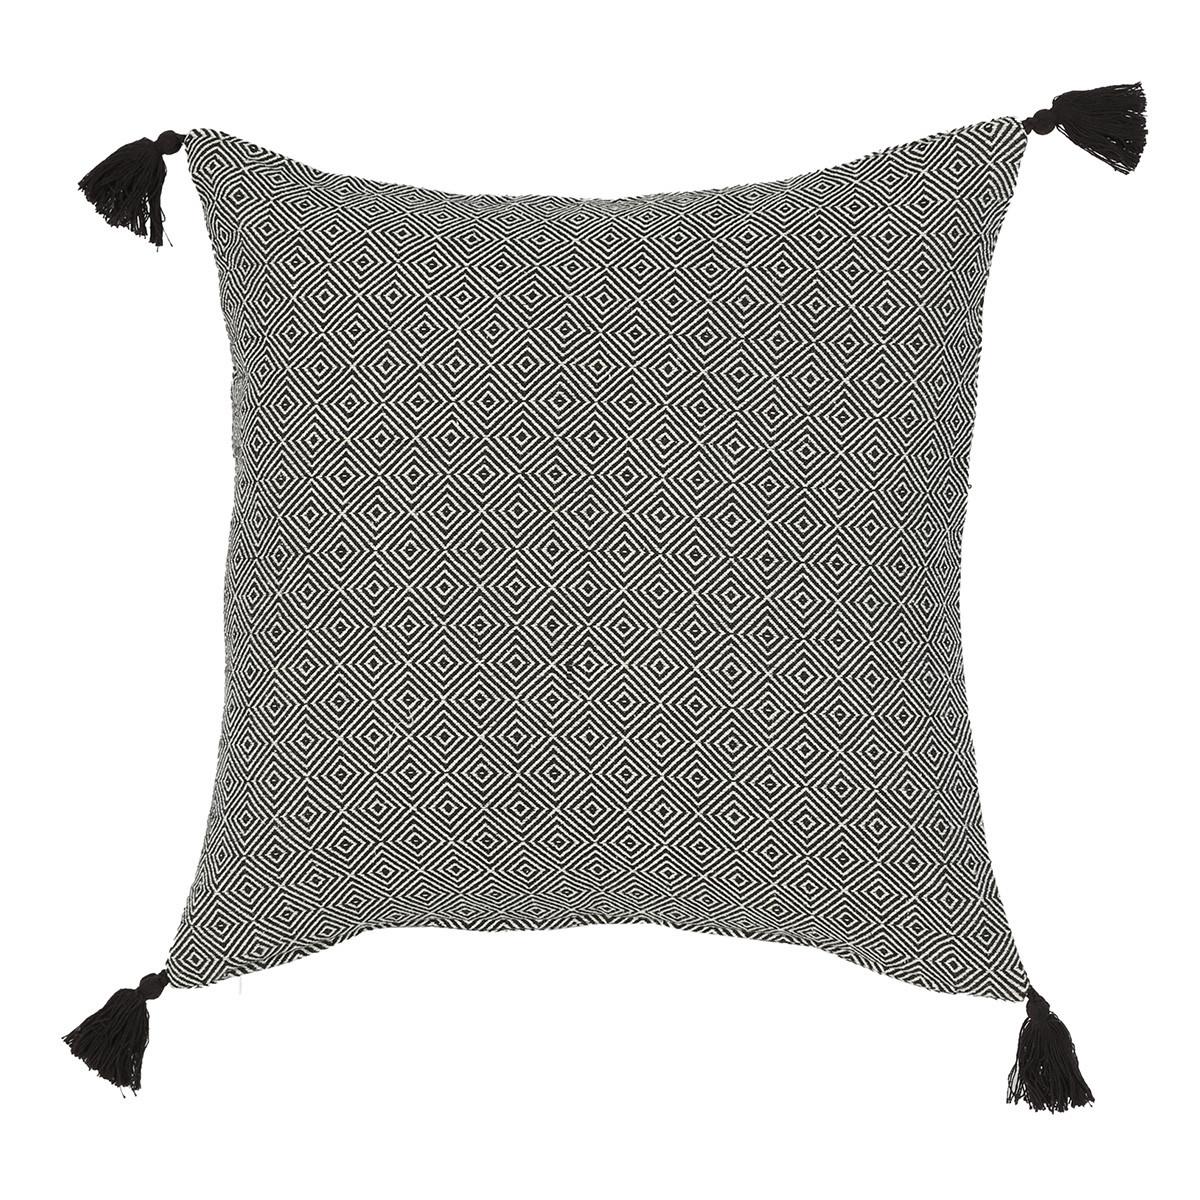 Μαξιλάρα Δαπέδου Nef-Nef Diamond Black home   σαλόνι   μαξιλάρες δαπέδου   πουφ